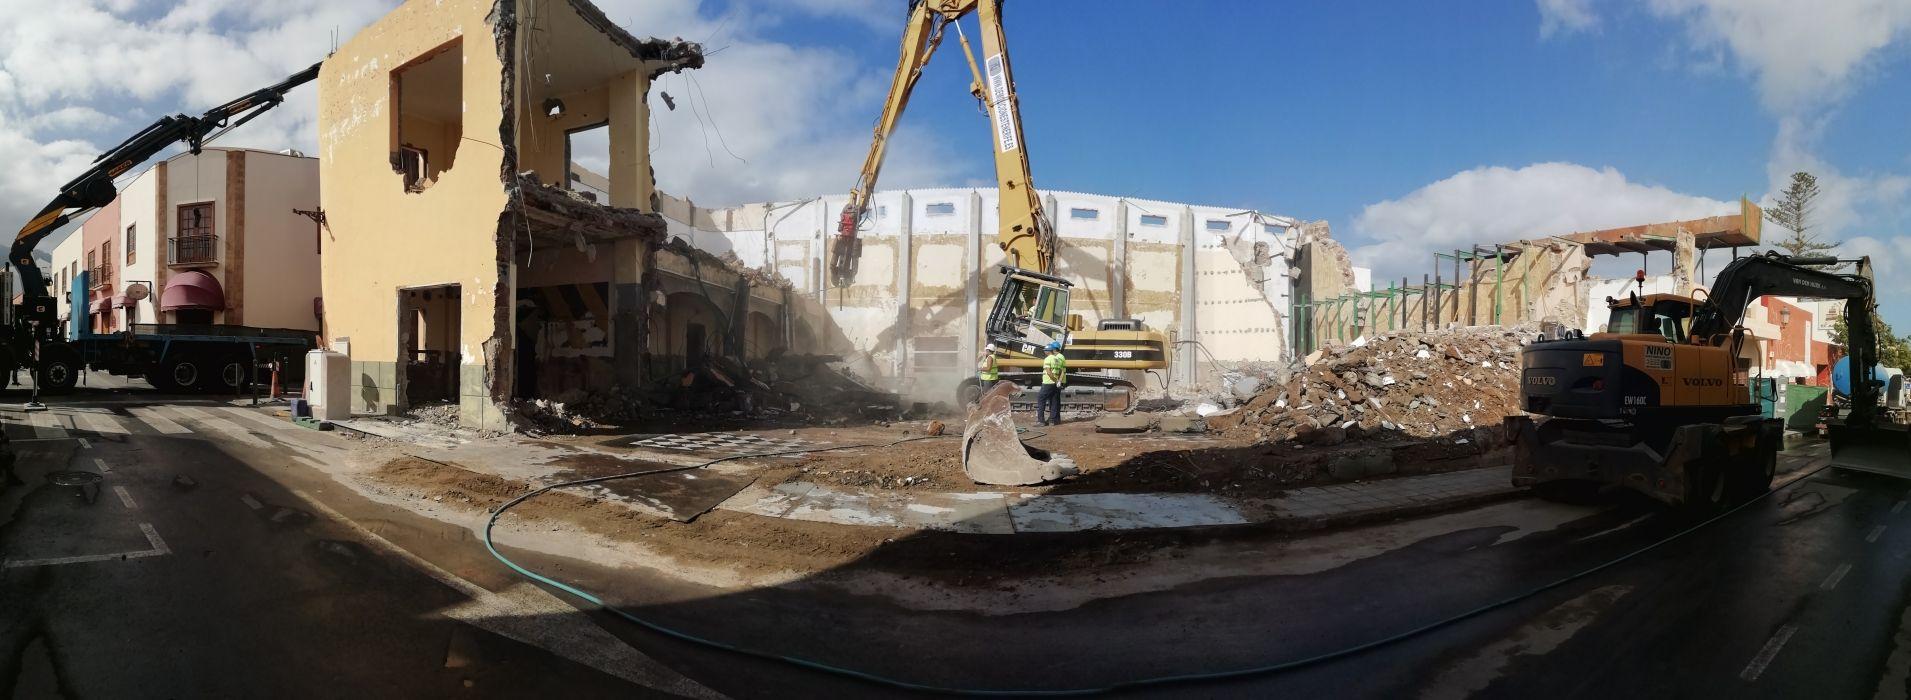 Demolición de edificios en Tenerife